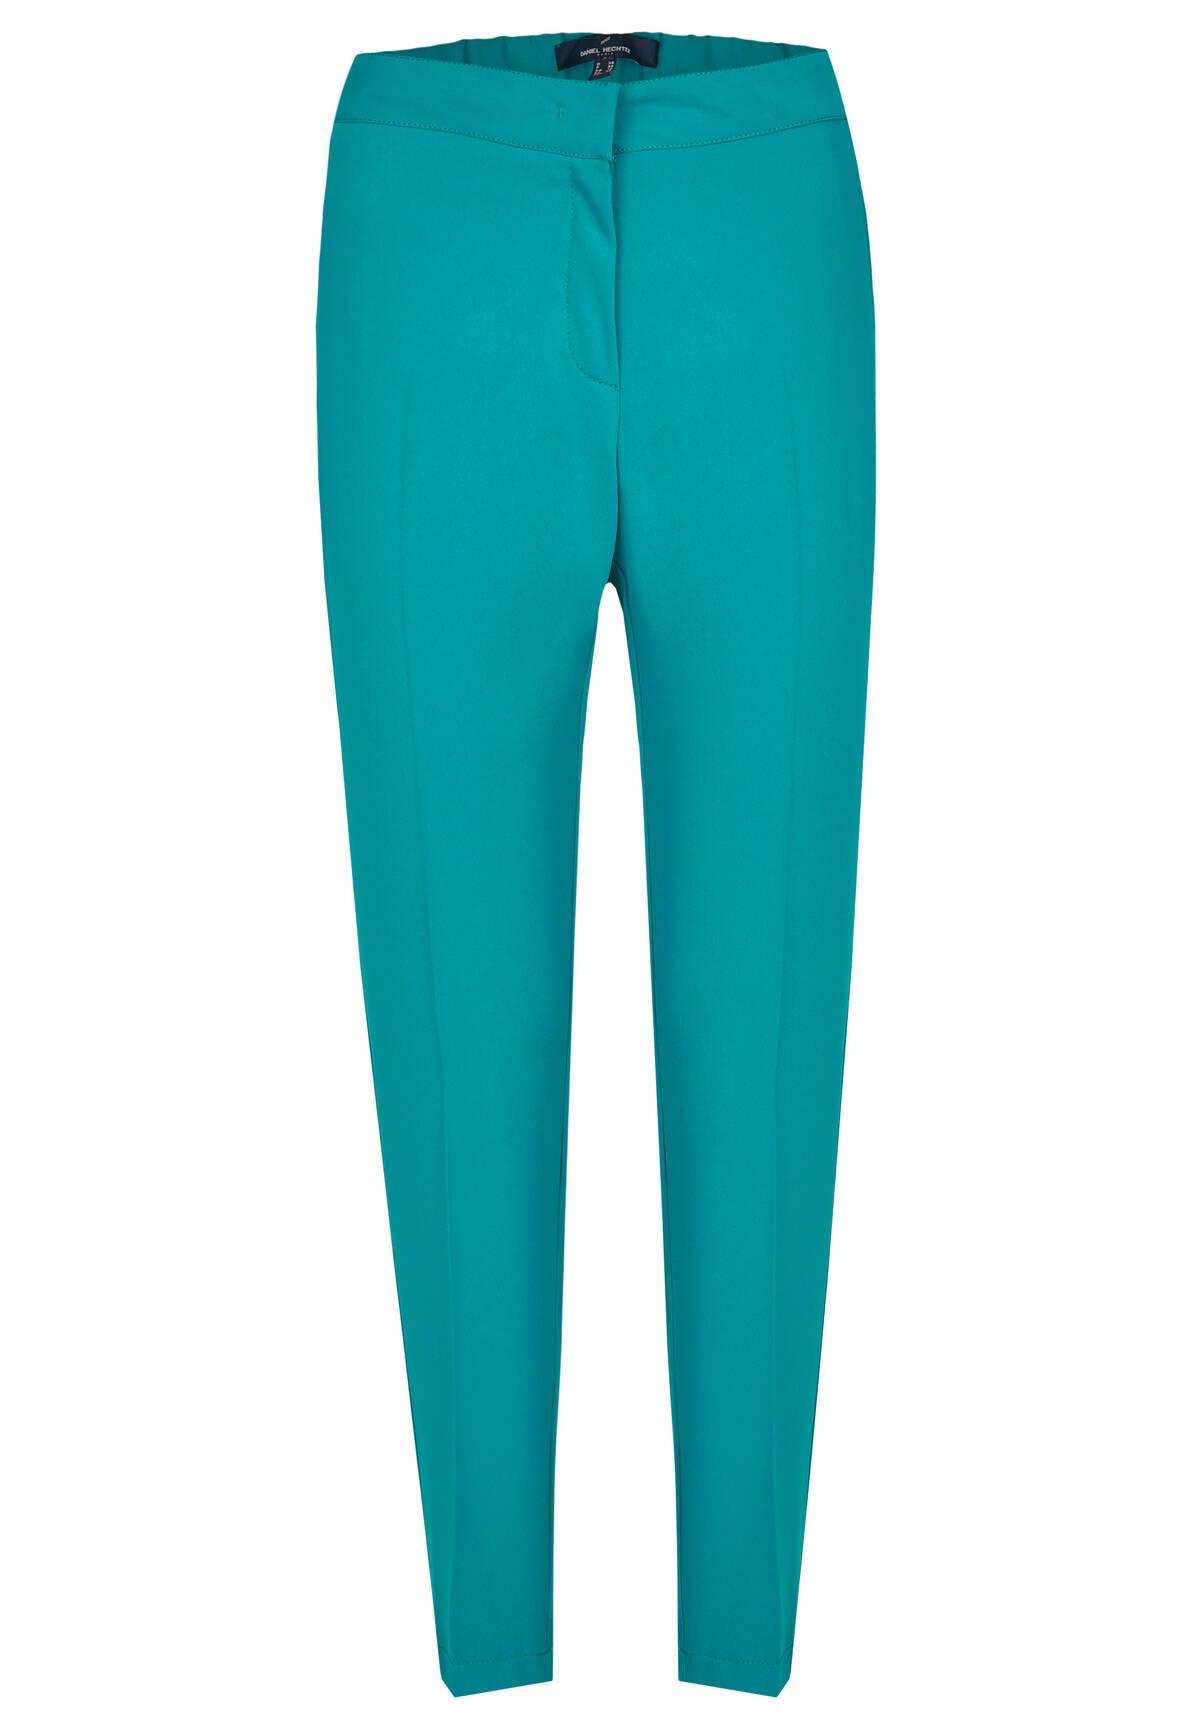 Sommerliche Hose mit Bügelfalte / Trousers